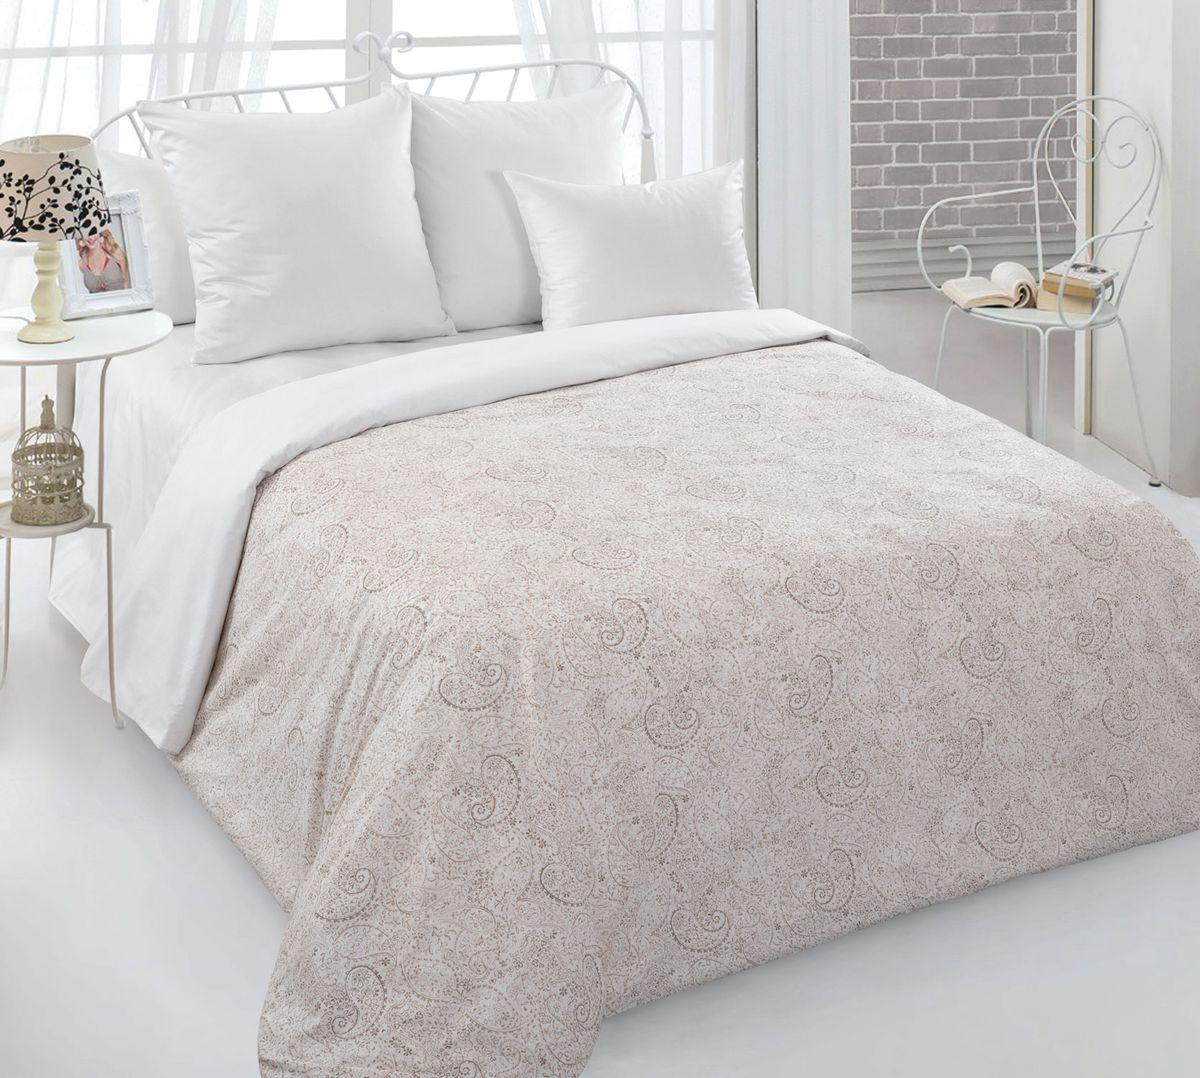 Комплект постельного белья 2-спальный, перкаль (Музыка времени)